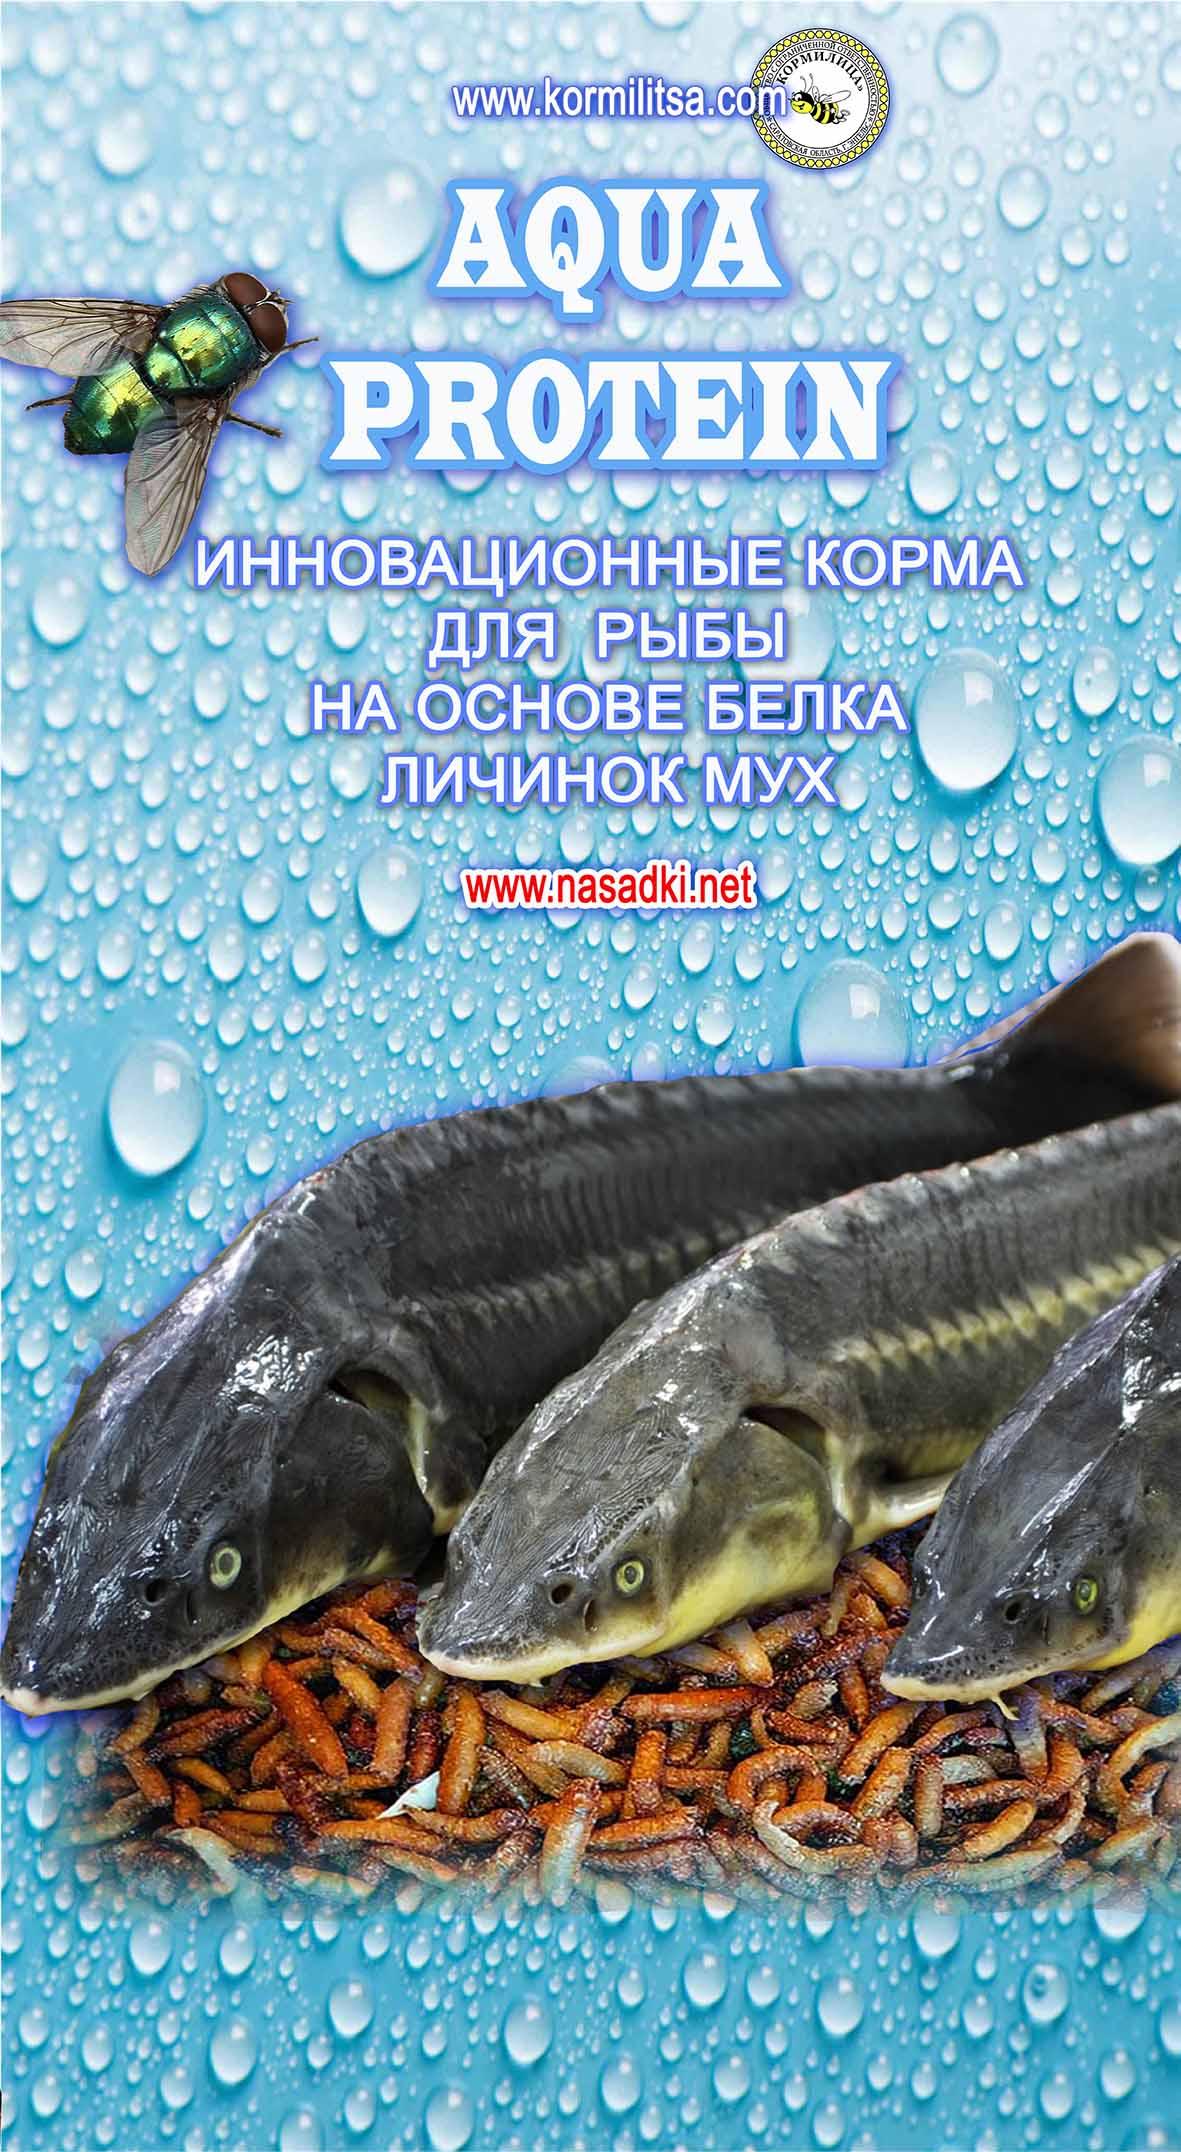 Aquaprotein - новейшие корма для индустриального рыбоводства на сонове белка опарышей